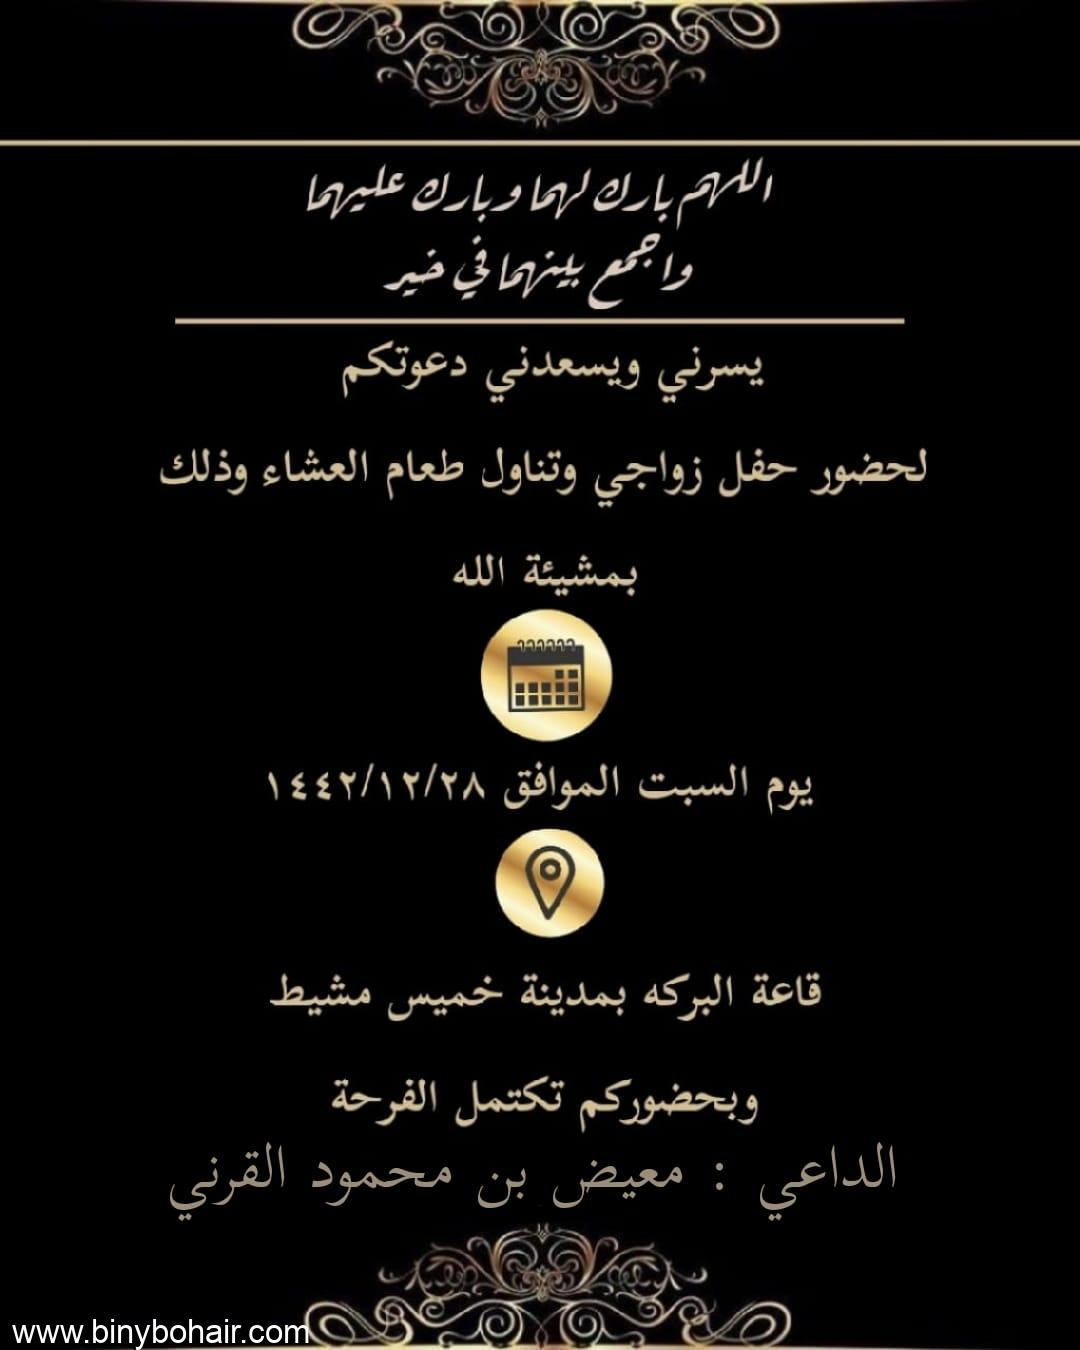 """يشعركم """" معيض محمود معيض qqn89123.jpeg"""